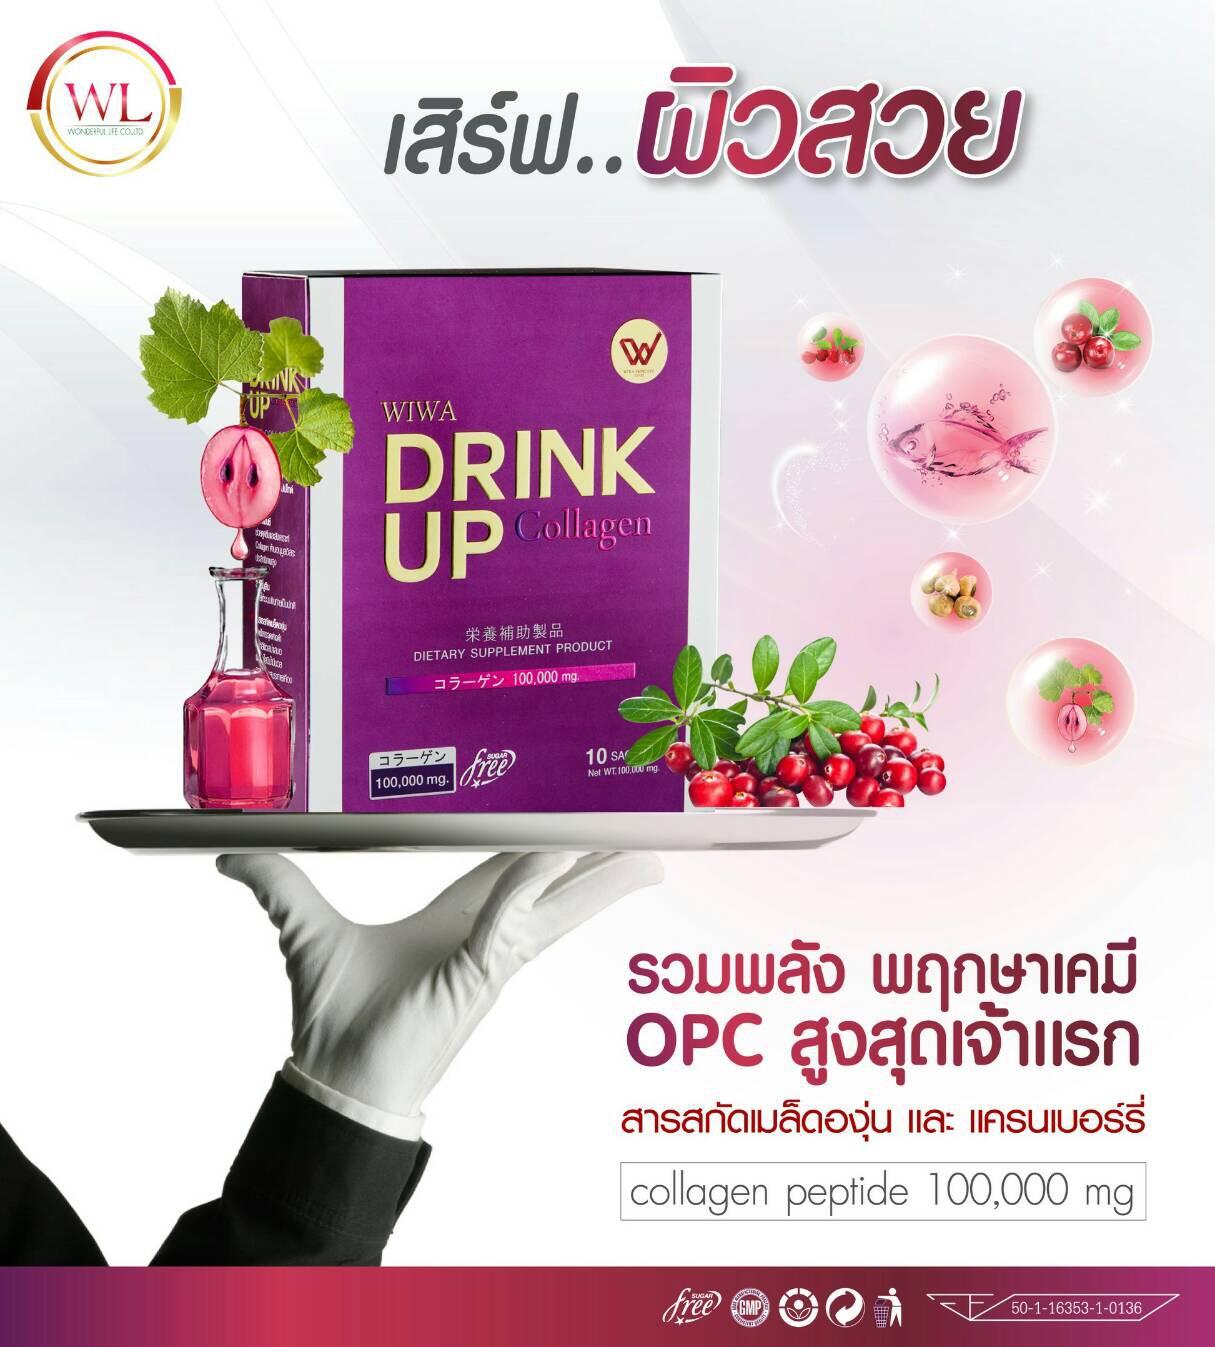 Wiwa Collagen Drink Up อาหารเสริมผิวขาว ลดฝ้า หน้าขาวใส